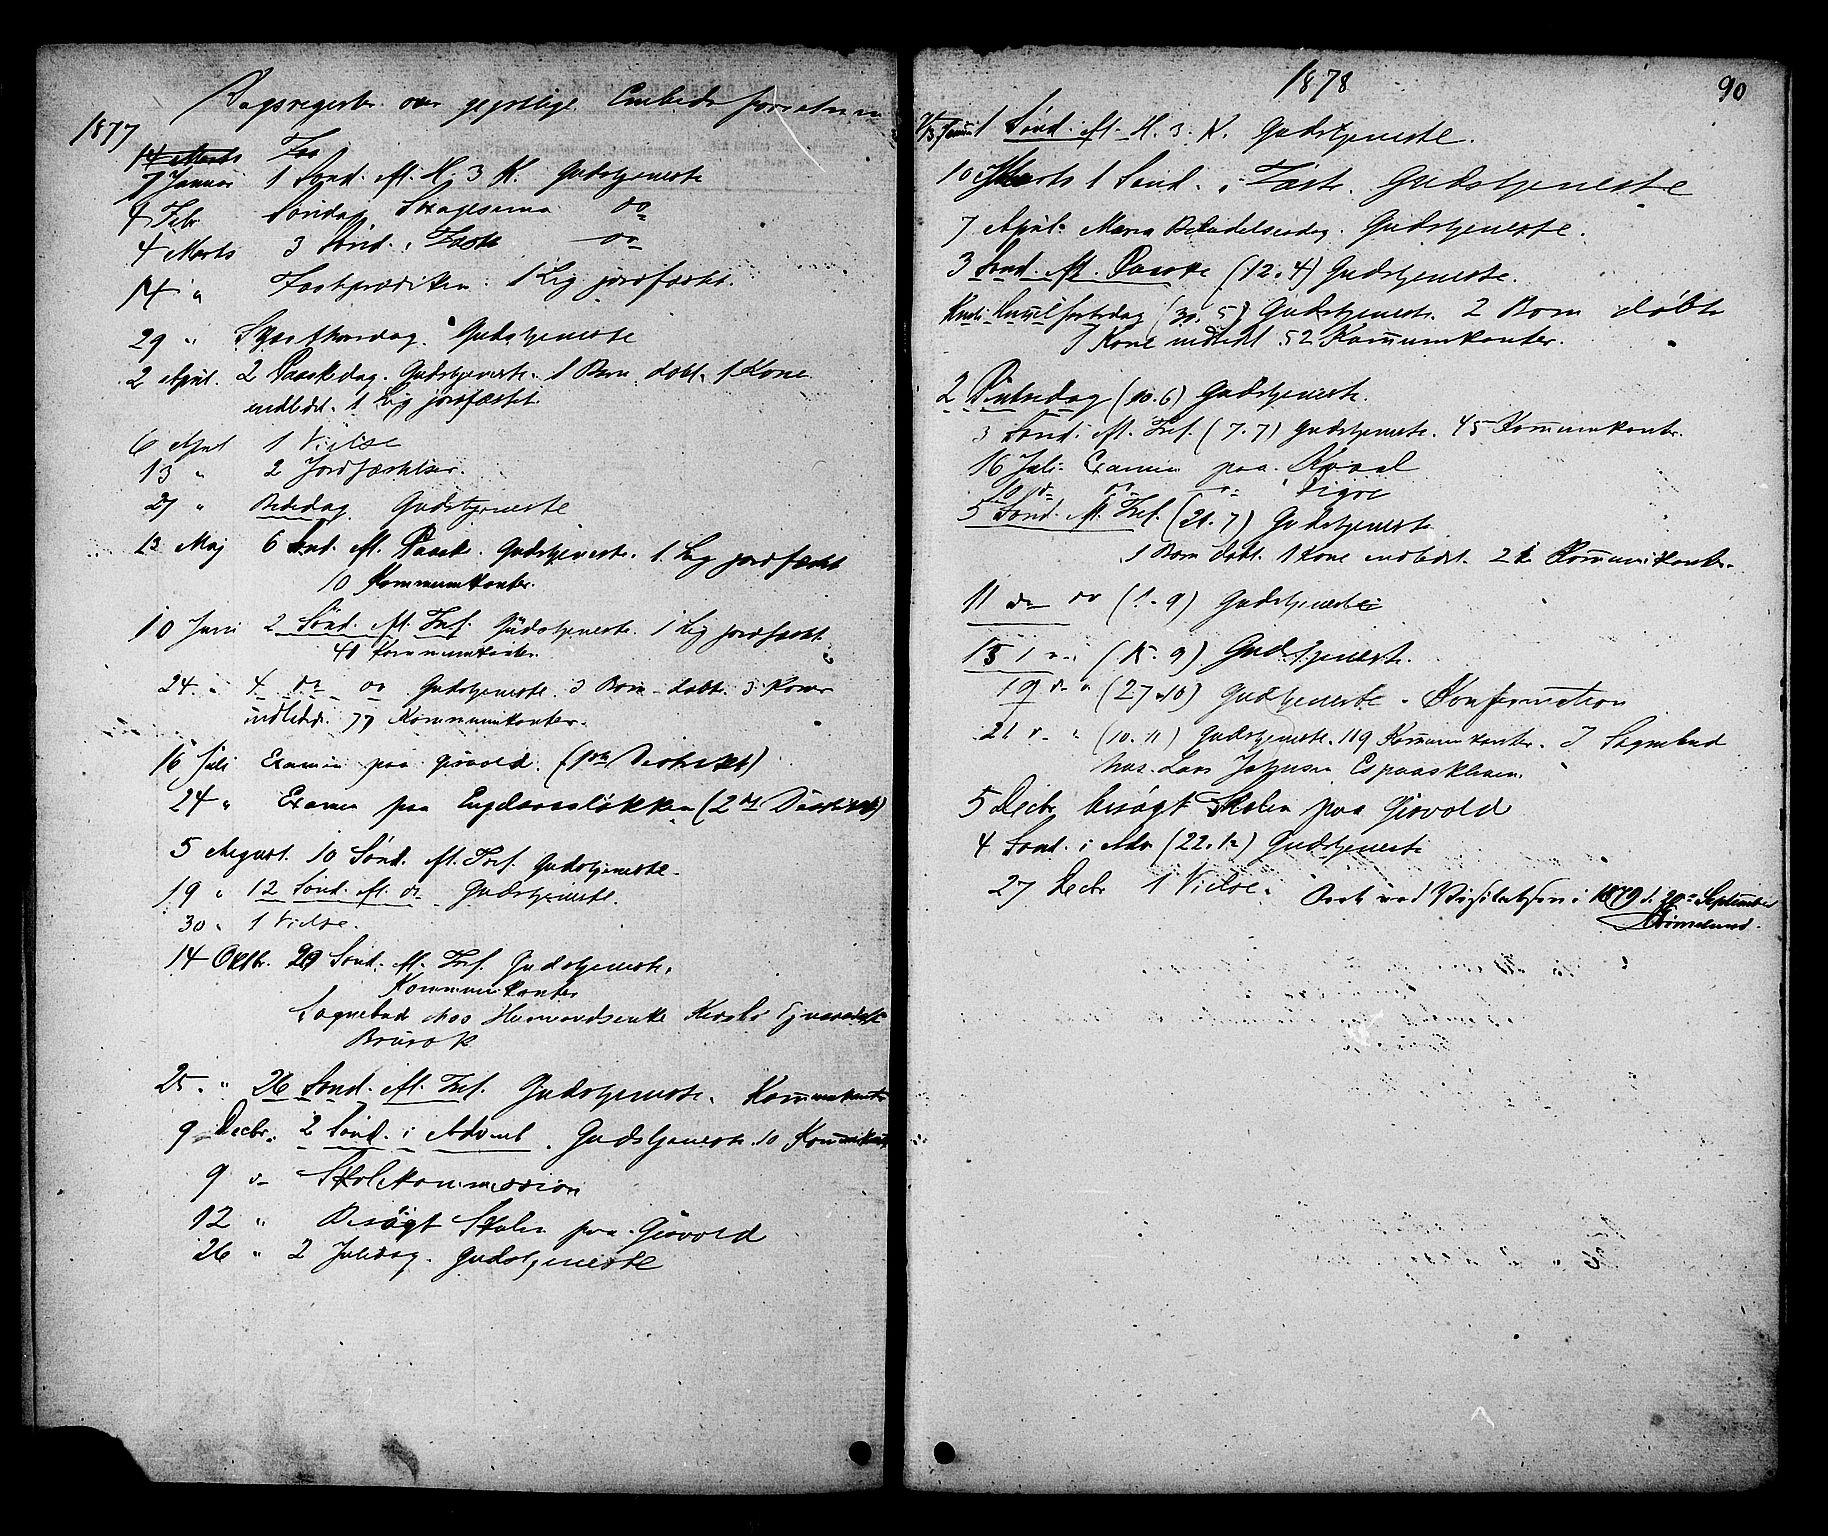 SAT, Ministerialprotokoller, klokkerbøker og fødselsregistre - Sør-Trøndelag, 608/L0334: Ministerialbok nr. 608A03, 1877-1886, s. 90